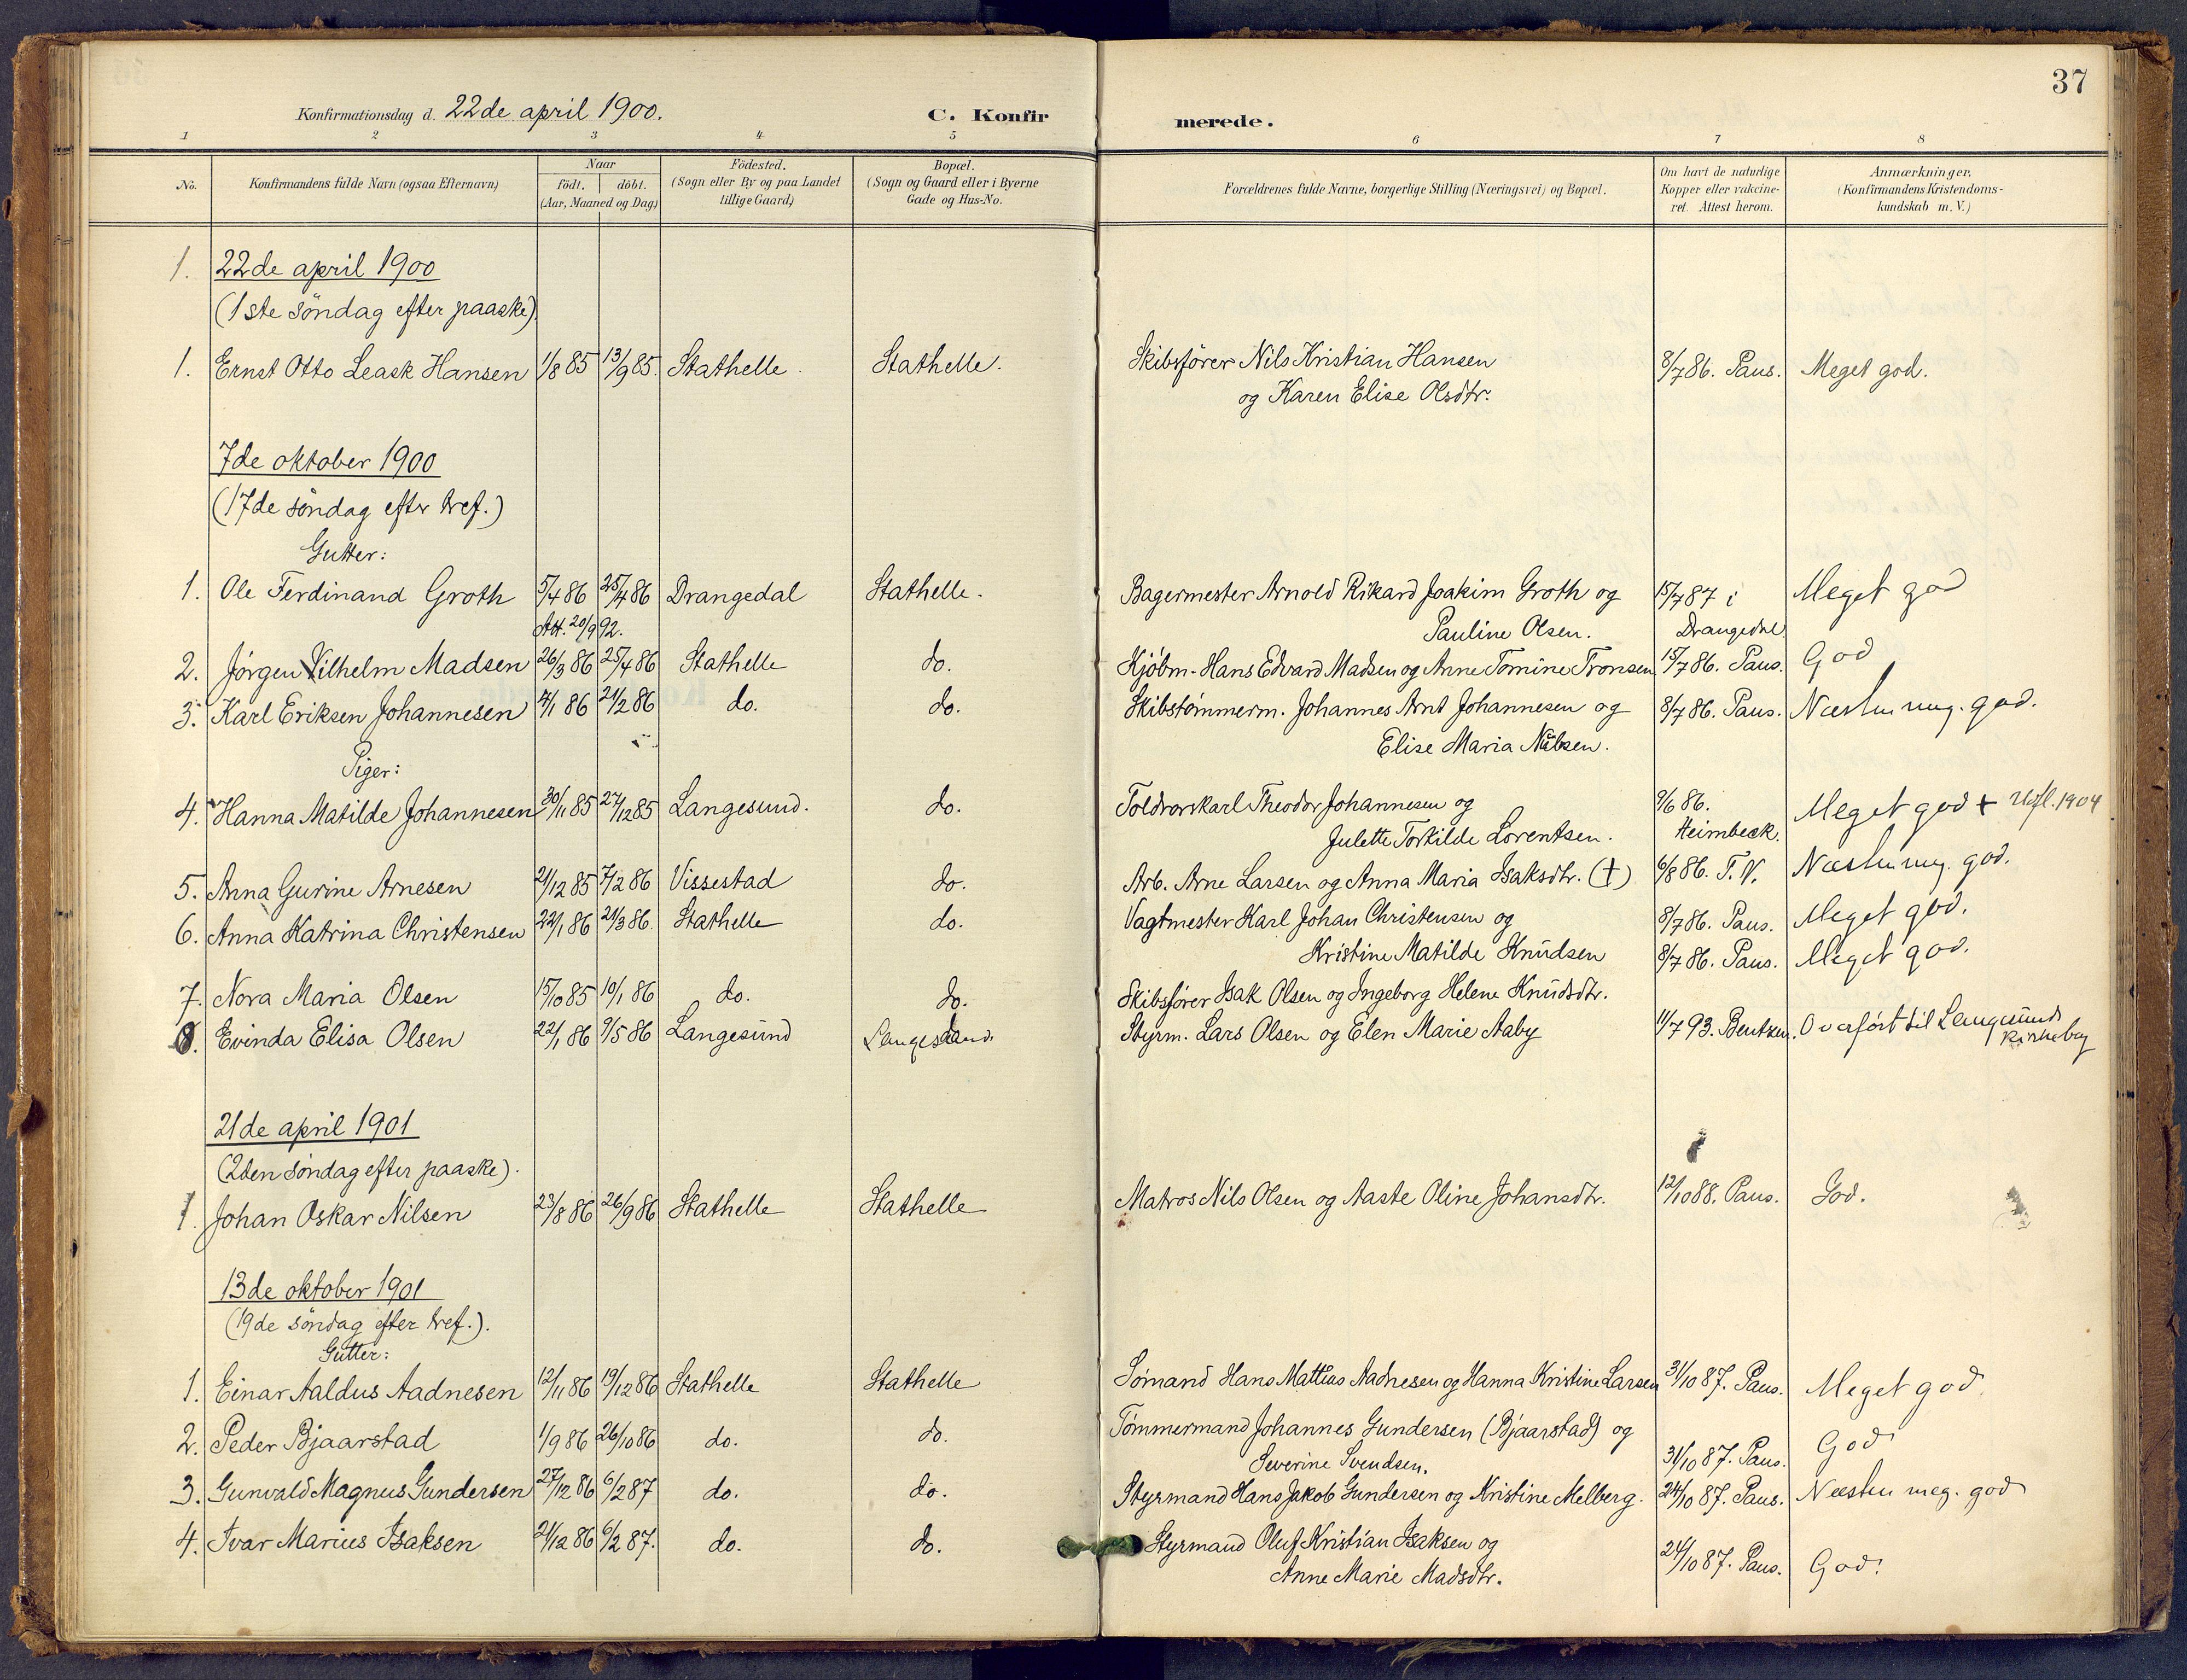 SAKO, Bamble kirkebøker, F/Fb/L0002: Ministerialbok nr. II 2, 1900-1921, s. 37